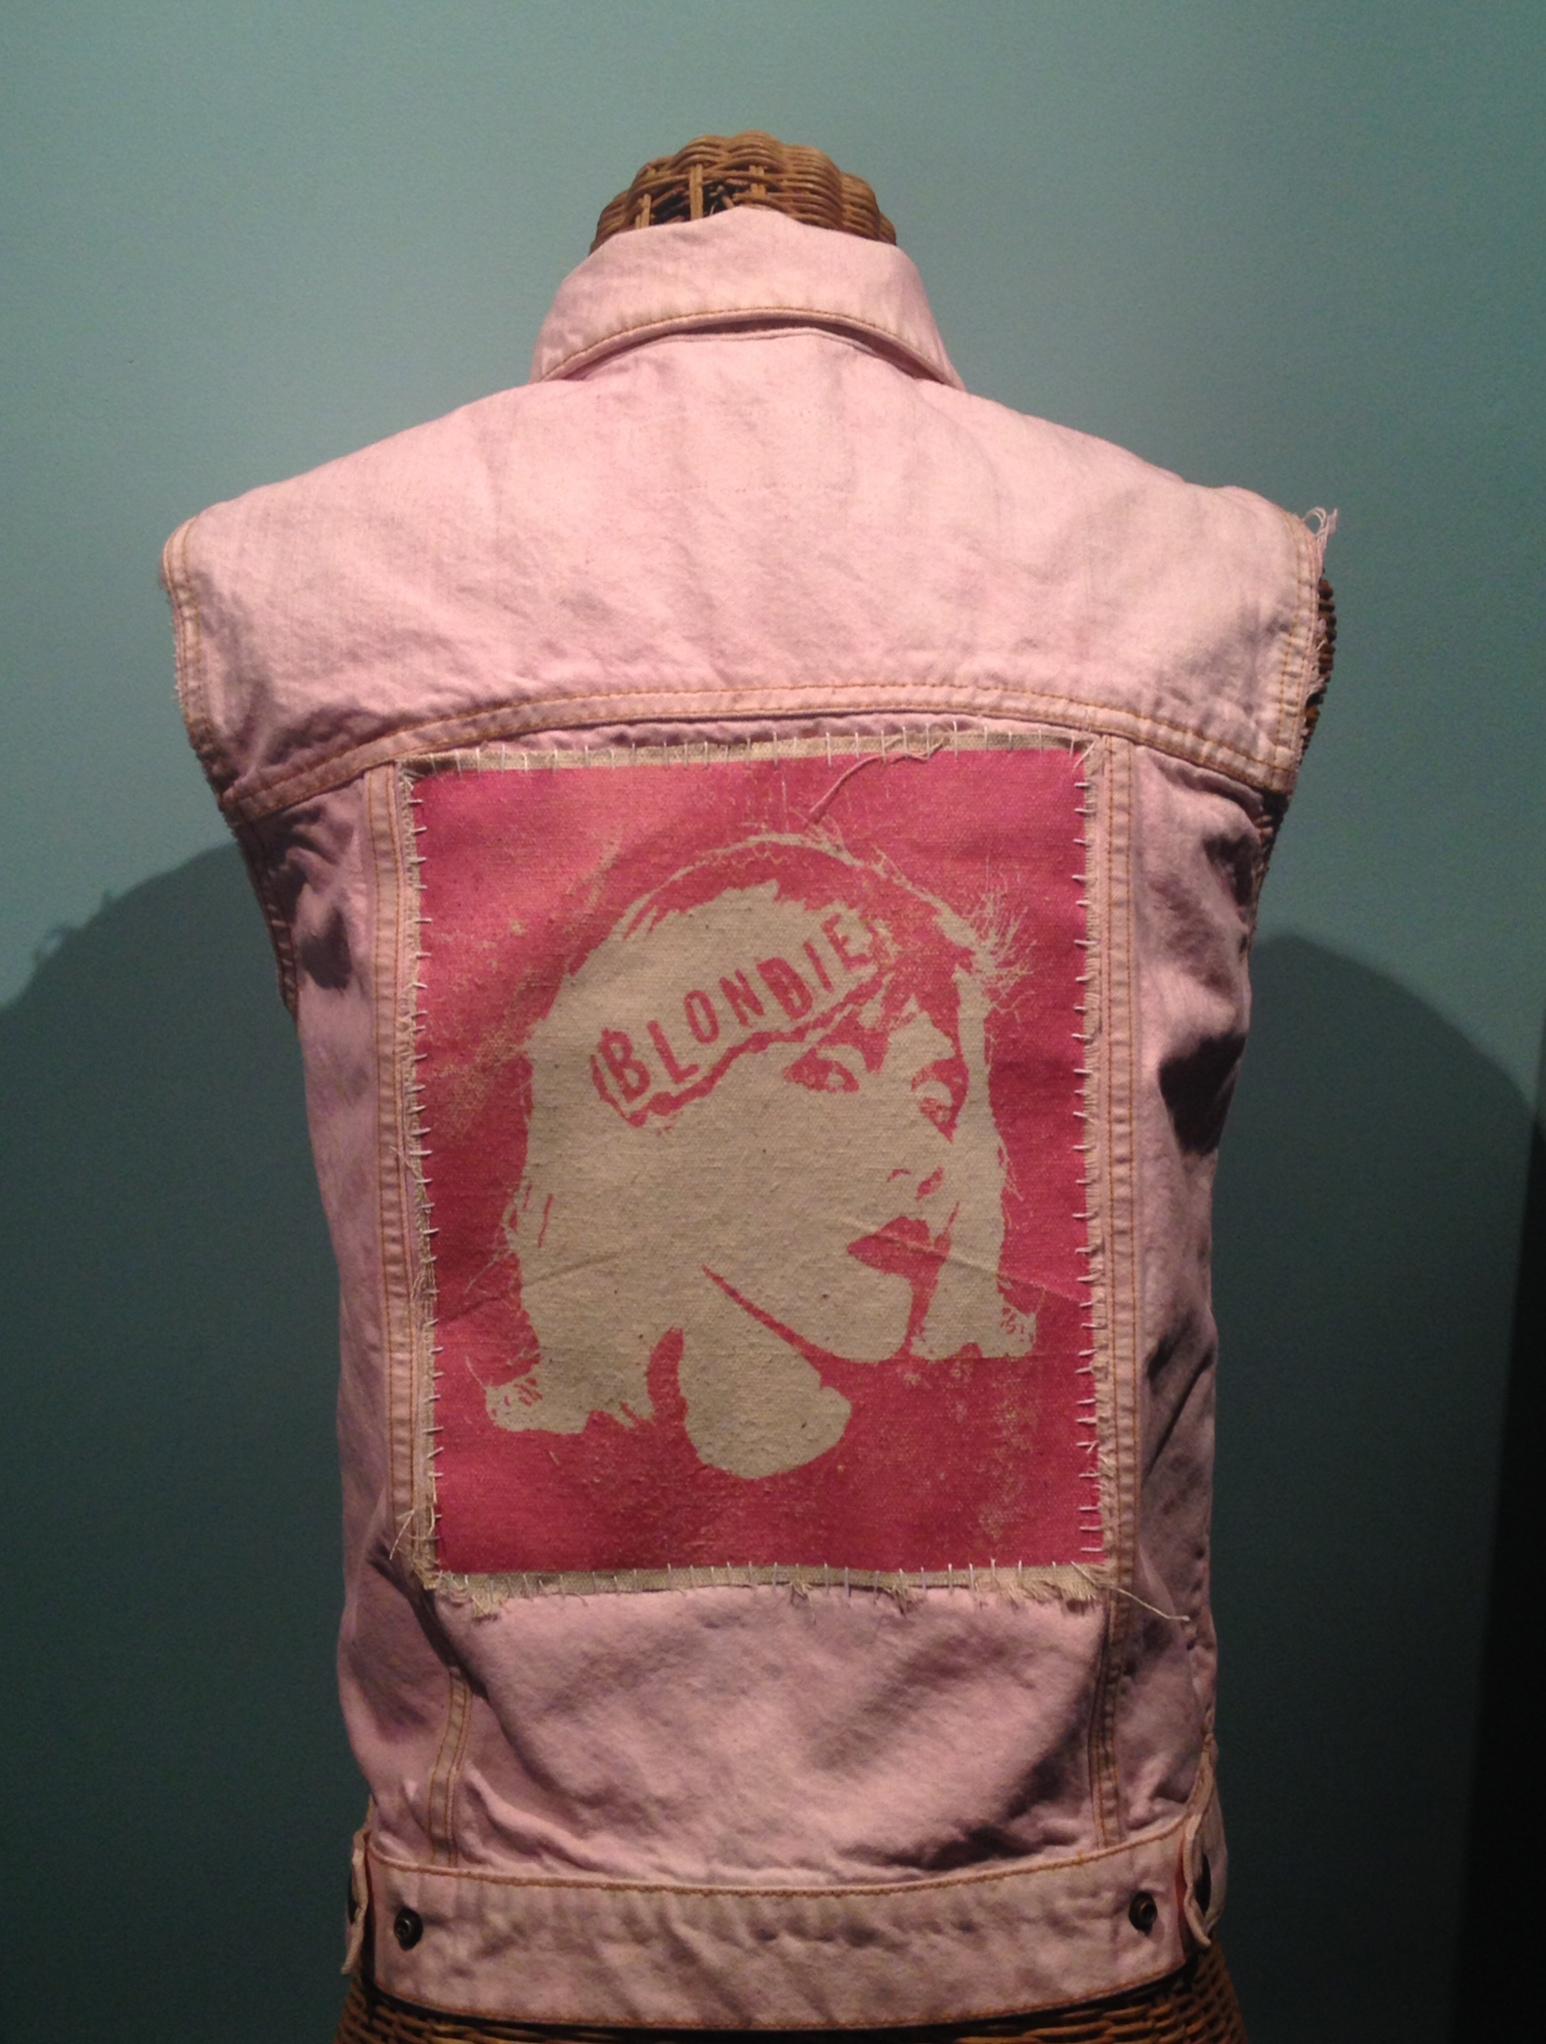 Dylan Garrett Smith Blondie Decoden punk vest sewn